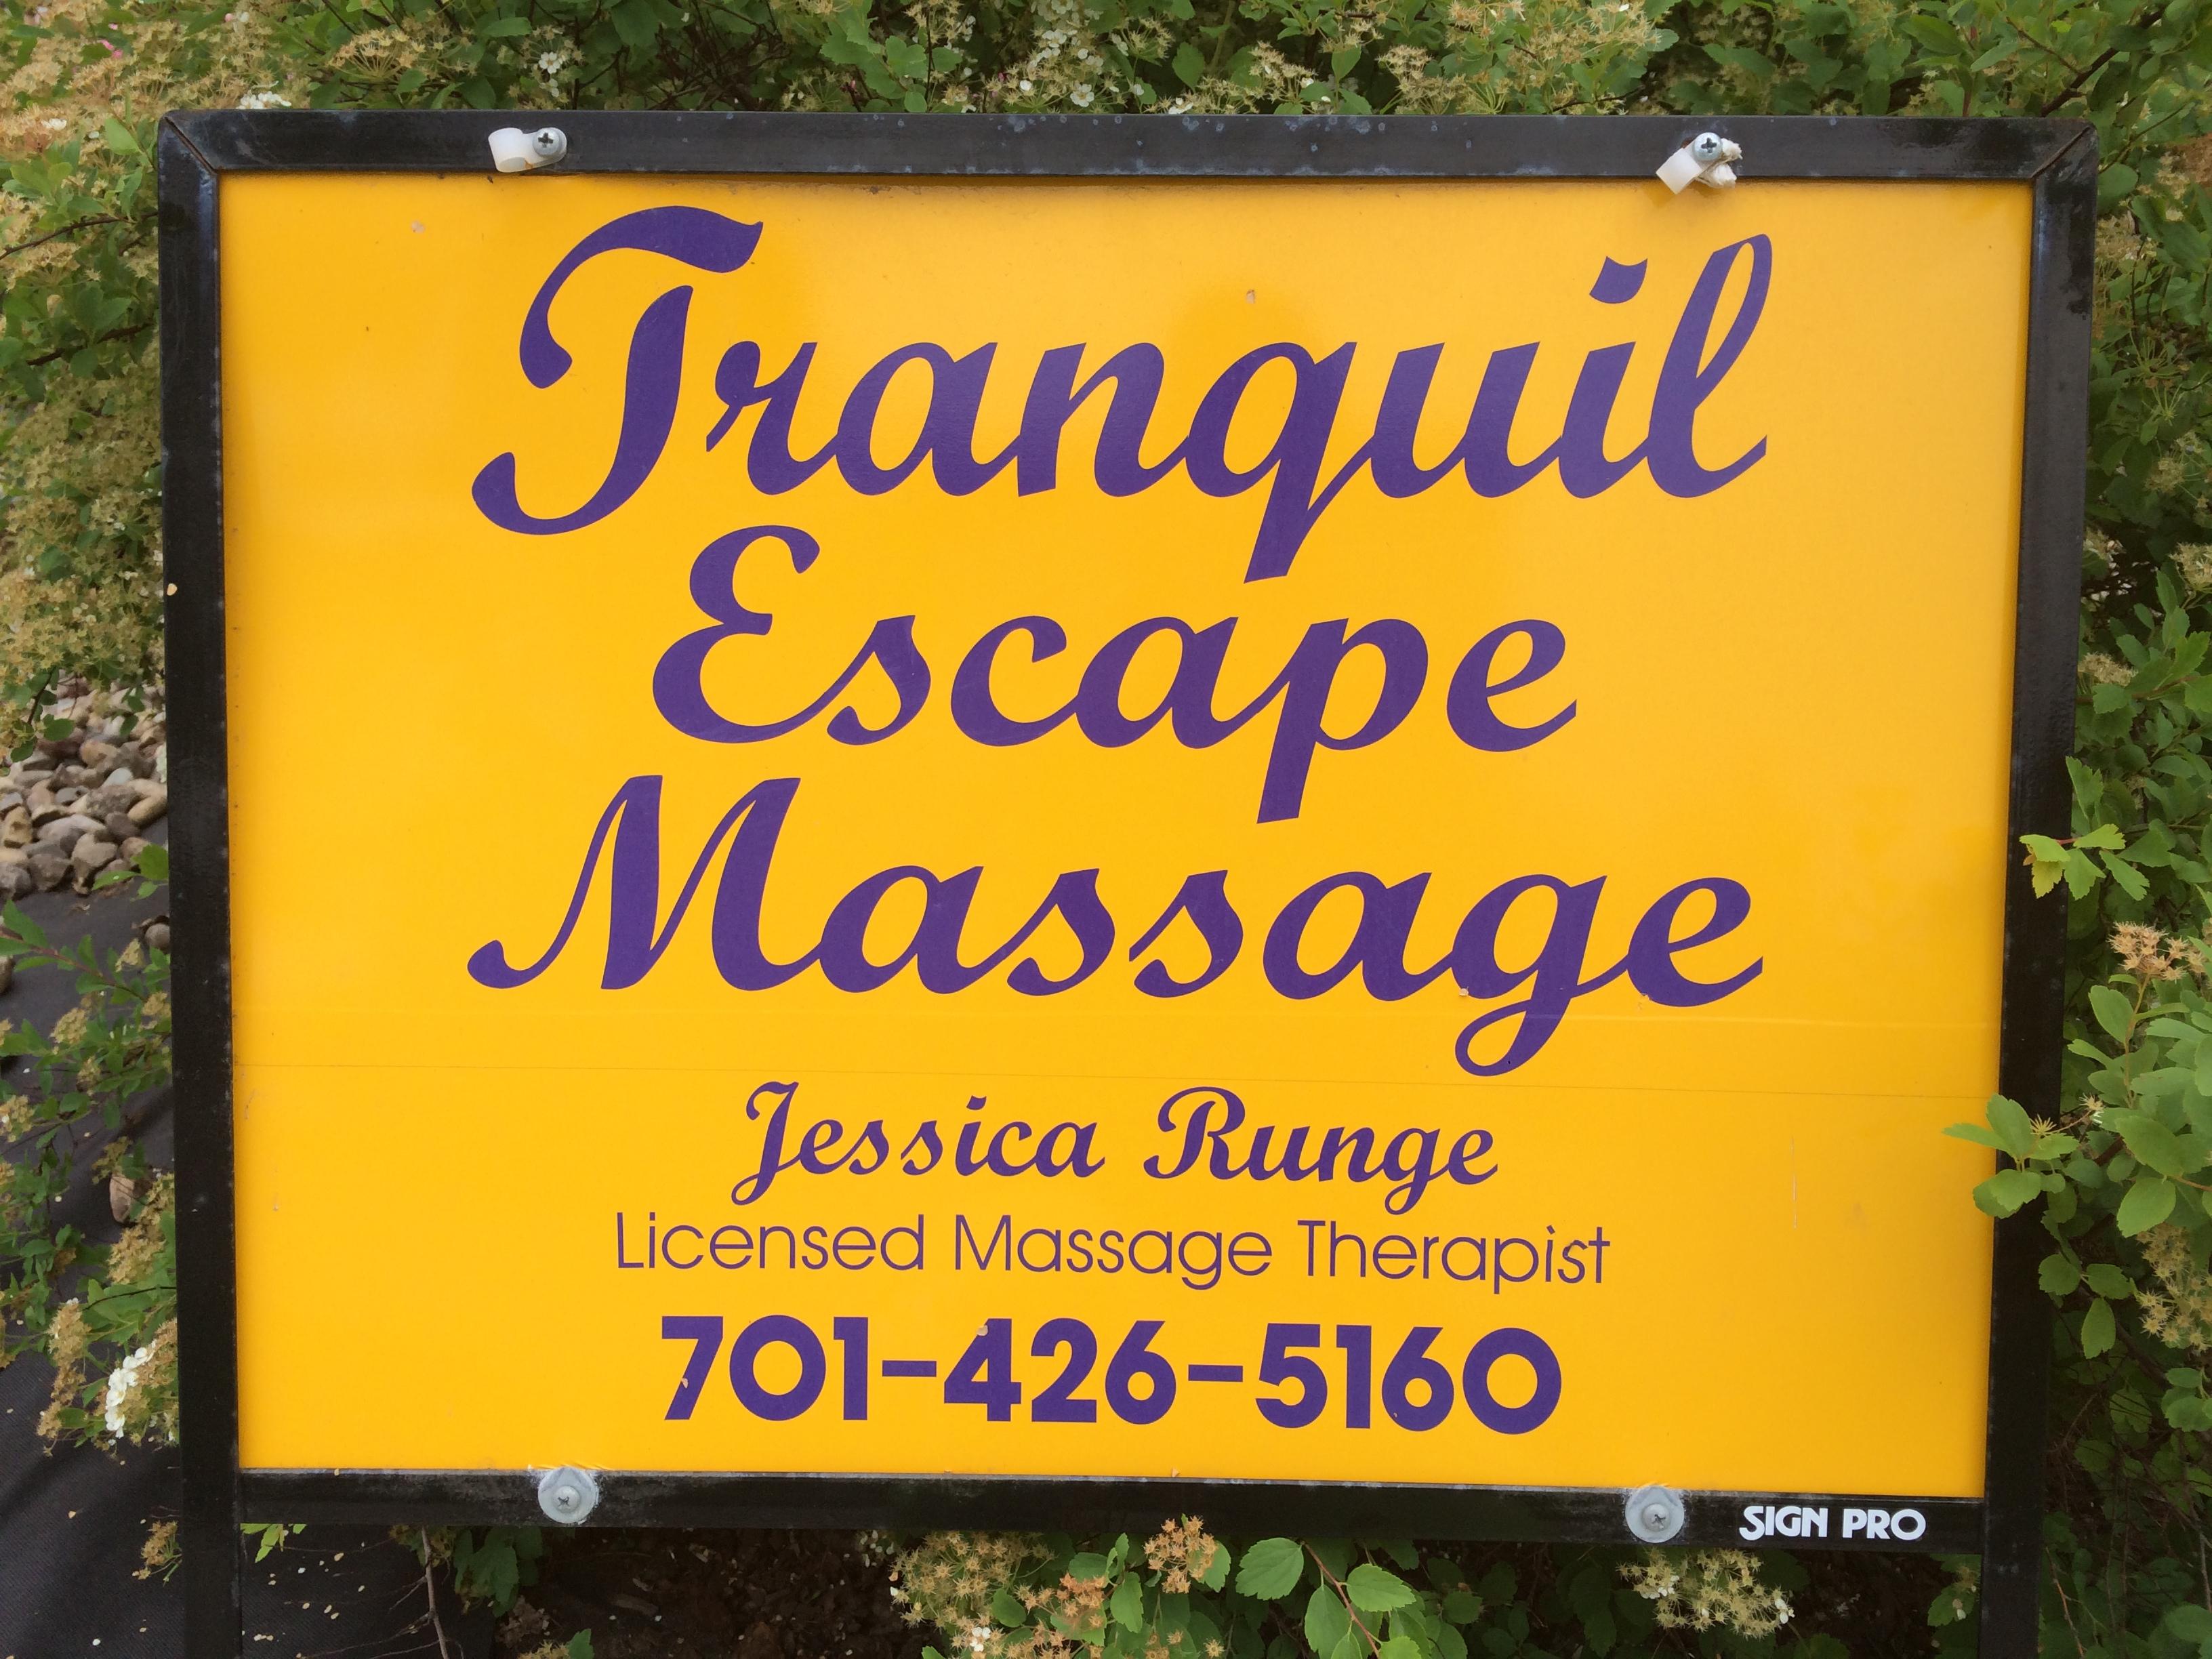 Tranquil Escape Massage